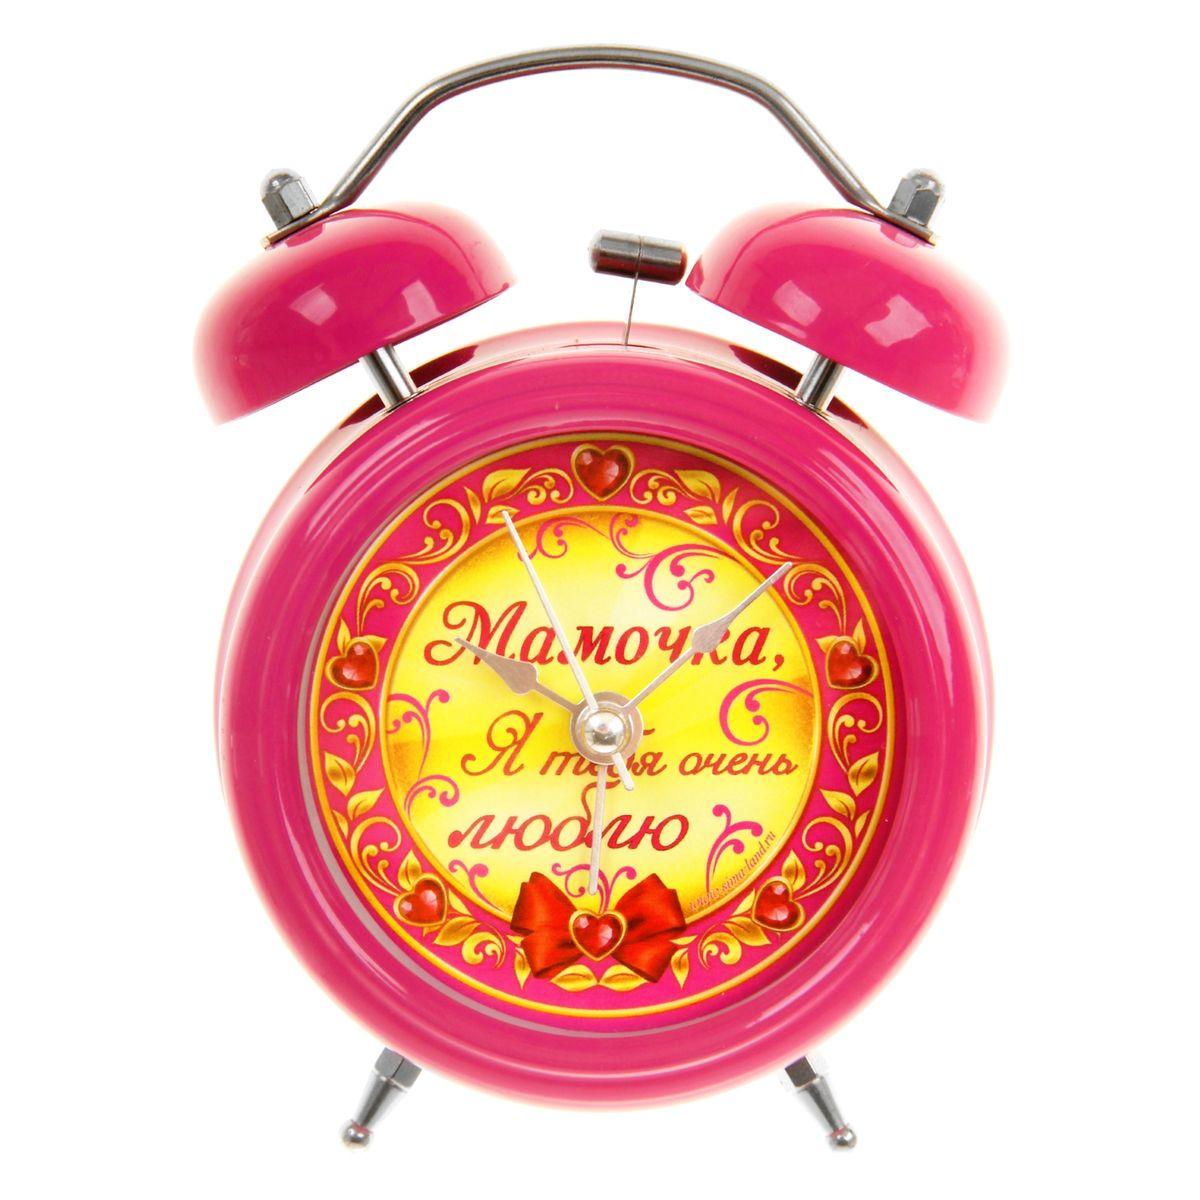 Часы-будильник Sima-land Мамочка, я тебя люблю699321Как же сложно иногда вставать вовремя! Всегда так хочется поспать еще хотя бы 5 минут и бывает, что мы просыпаем. Теперь этого не случится! Яркий, оригинальный будильник Sima-land Мамочка, я тебя люблю поможет вам всегда вставать в нужное время и успевать везде и всюду. Будильник украсит вашу комнату и приведет в восхищение друзей. Время показывает точно и будит в установленный час.На задней панели будильника расположены переключатель включения/выключения механизма, а также два колесика для настройки текущего времени и времени звонка будильника. Также будильник оснащен кнопкой, при нажатии и удержании которой, подсвечивается циферблат. Будильник работает от 1 батарейки типа AA напряжением 1,5V (не входит в комплект).